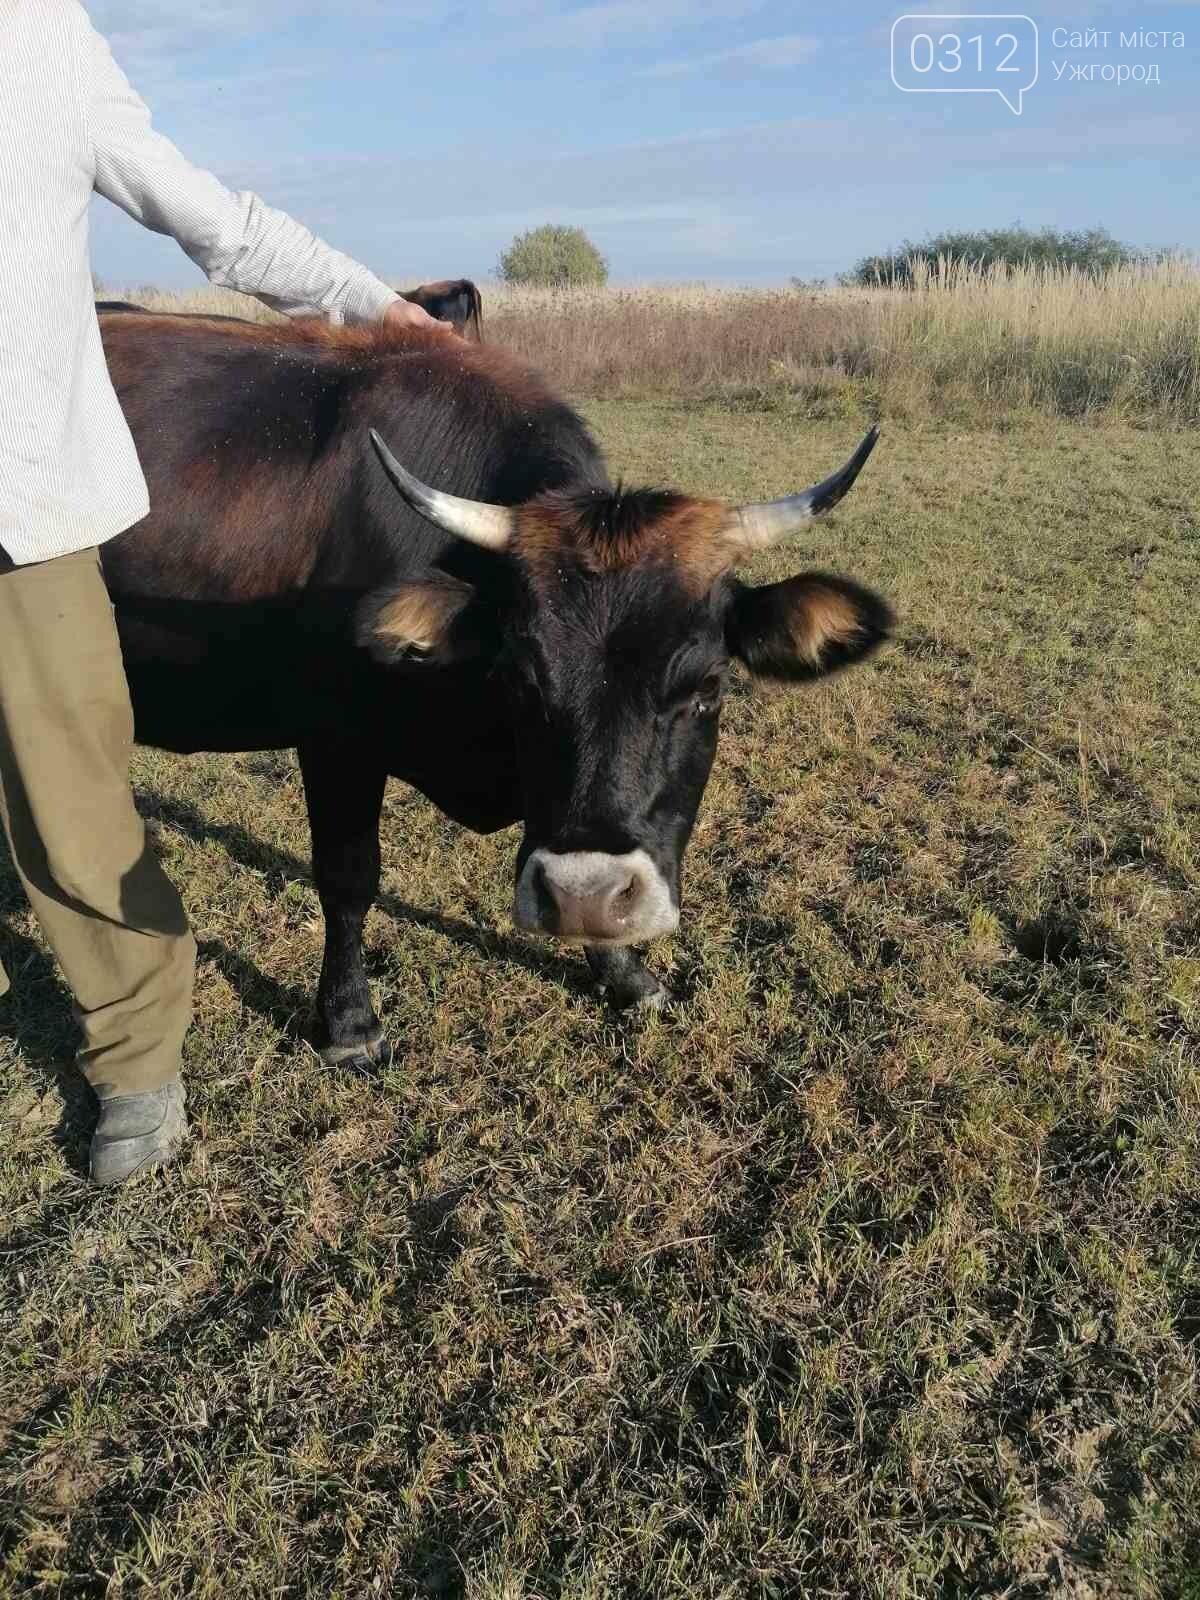 Еколог з Німеччини кинув усе та переїхав на Закарпаття розводити буйволів (ВІДЕО), фото-4